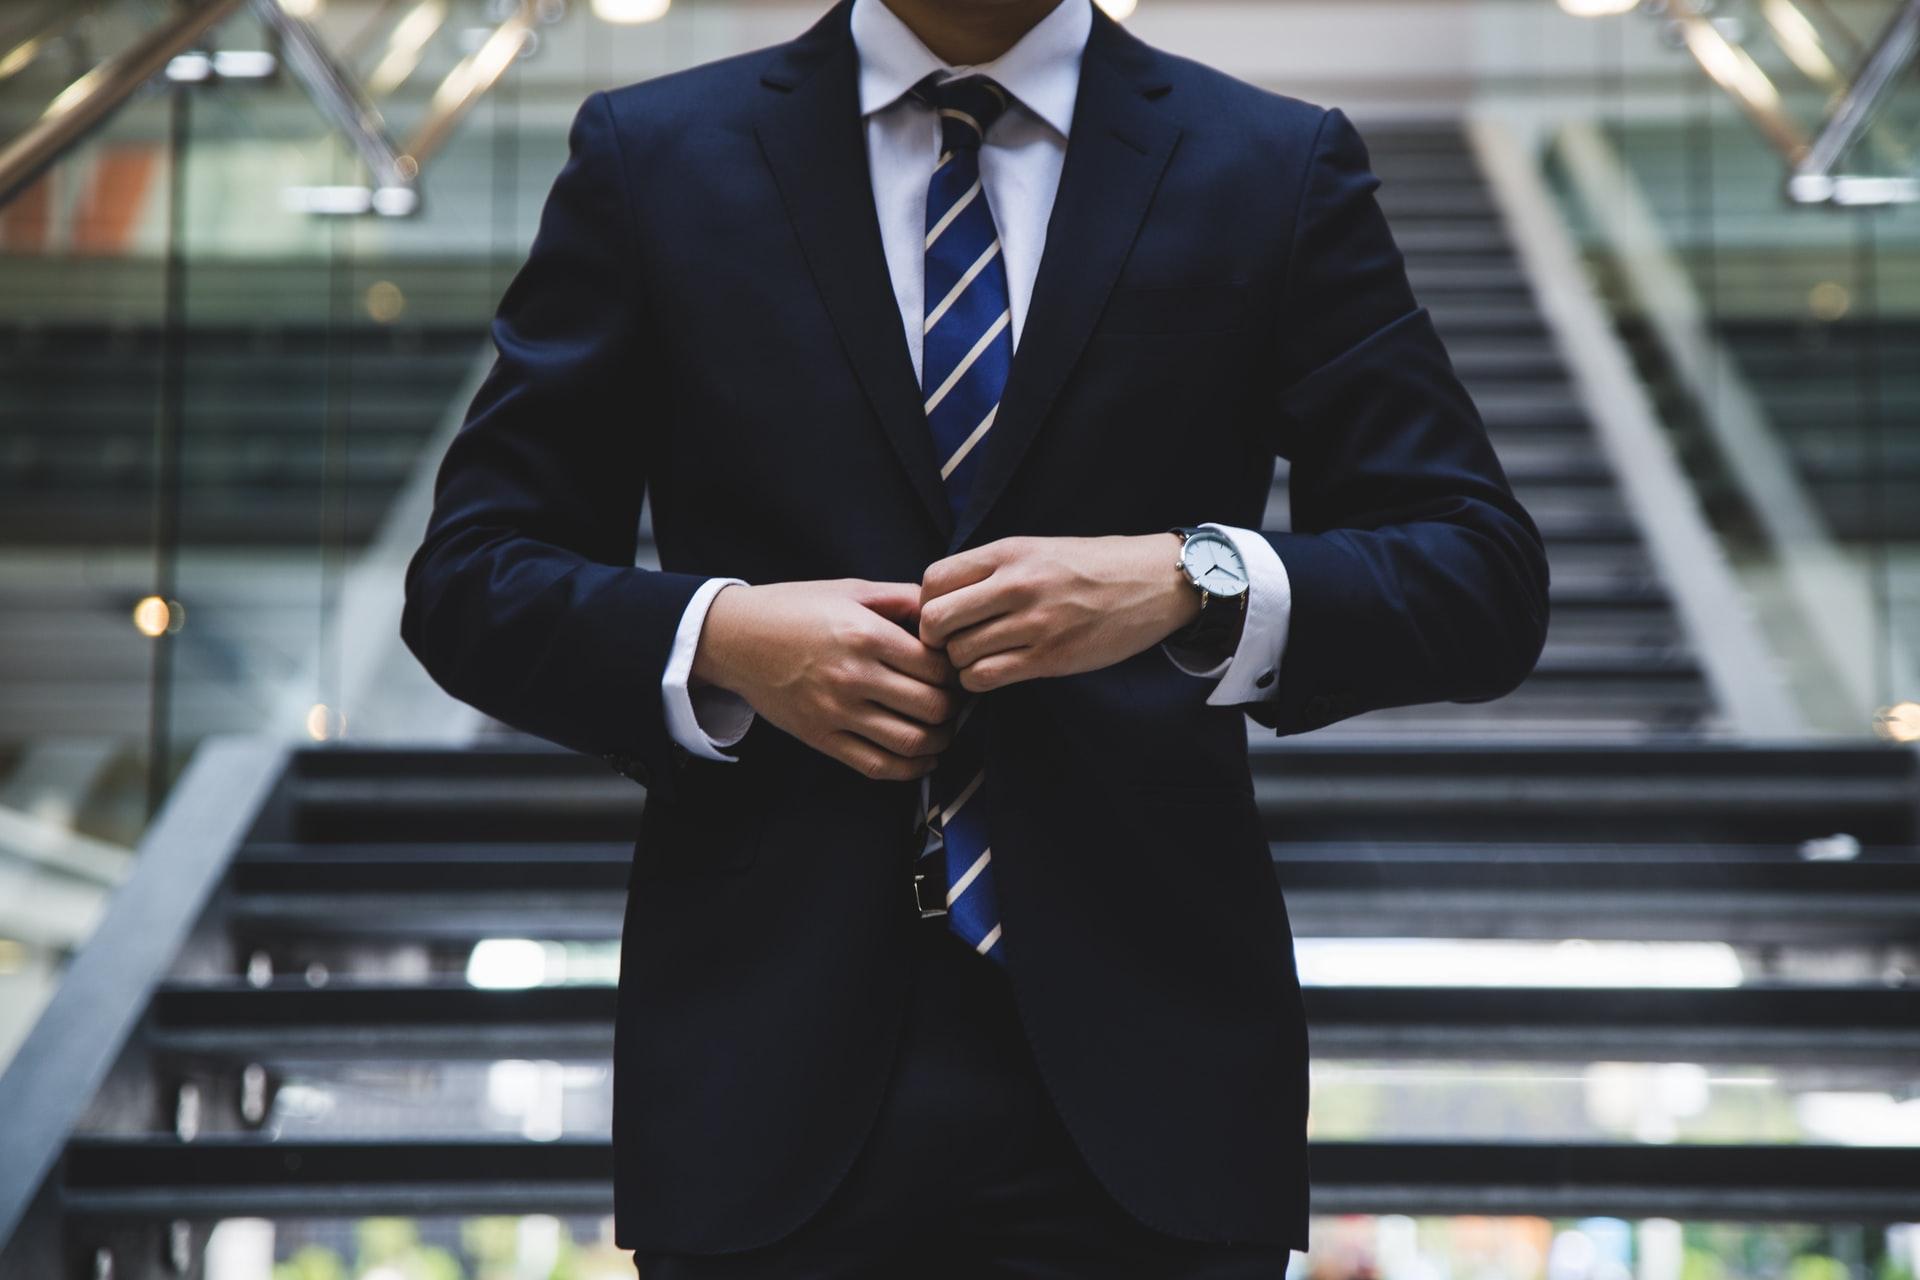 正社員になりたいなら良好な人間関係は必須